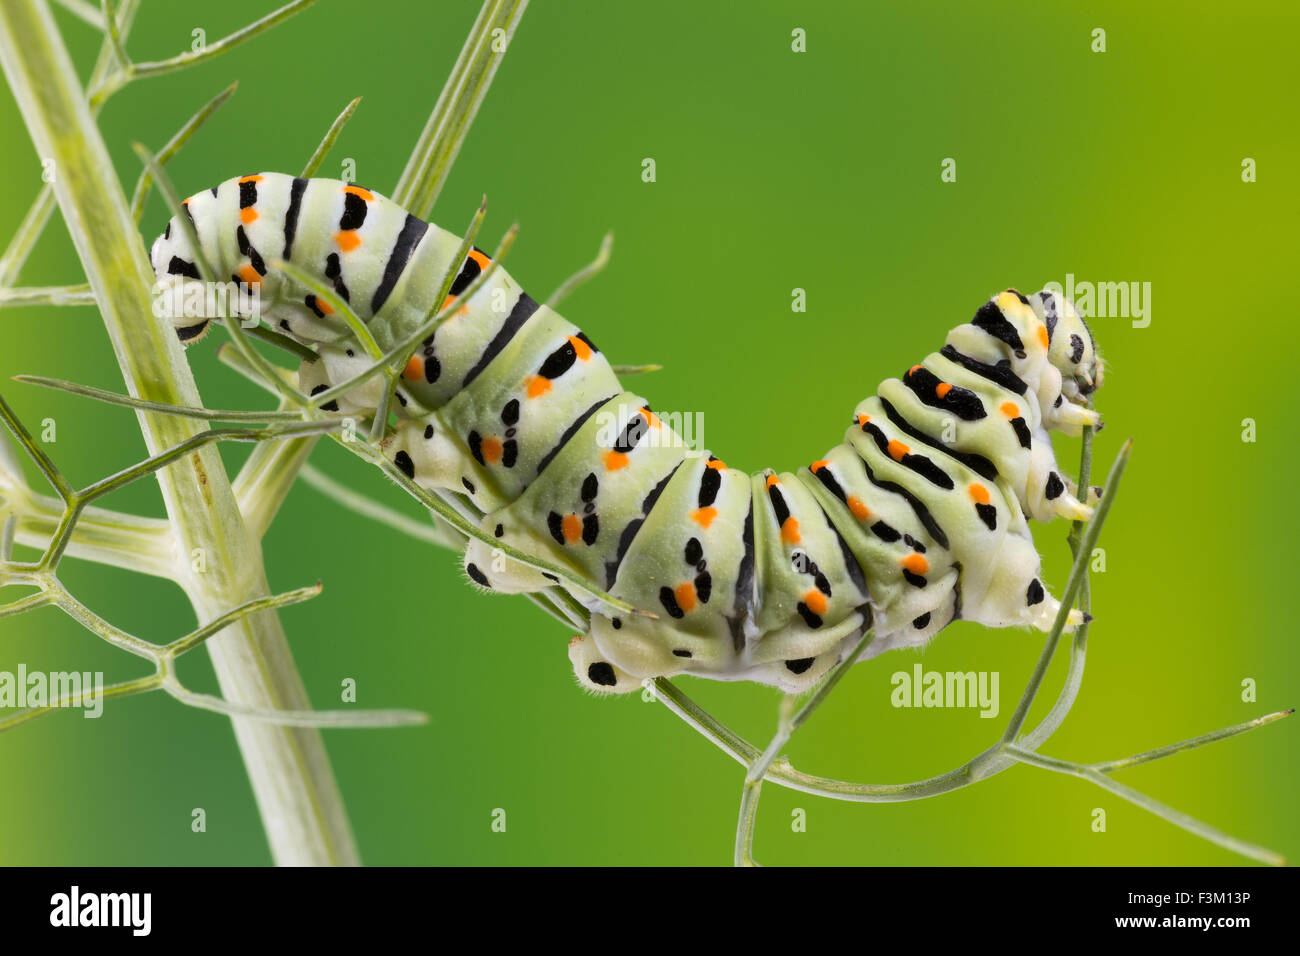 La chenille de papillon du machaon maltais de manger les feuilles de fenouil, 10 jours après l'éclosion, Photo Stock